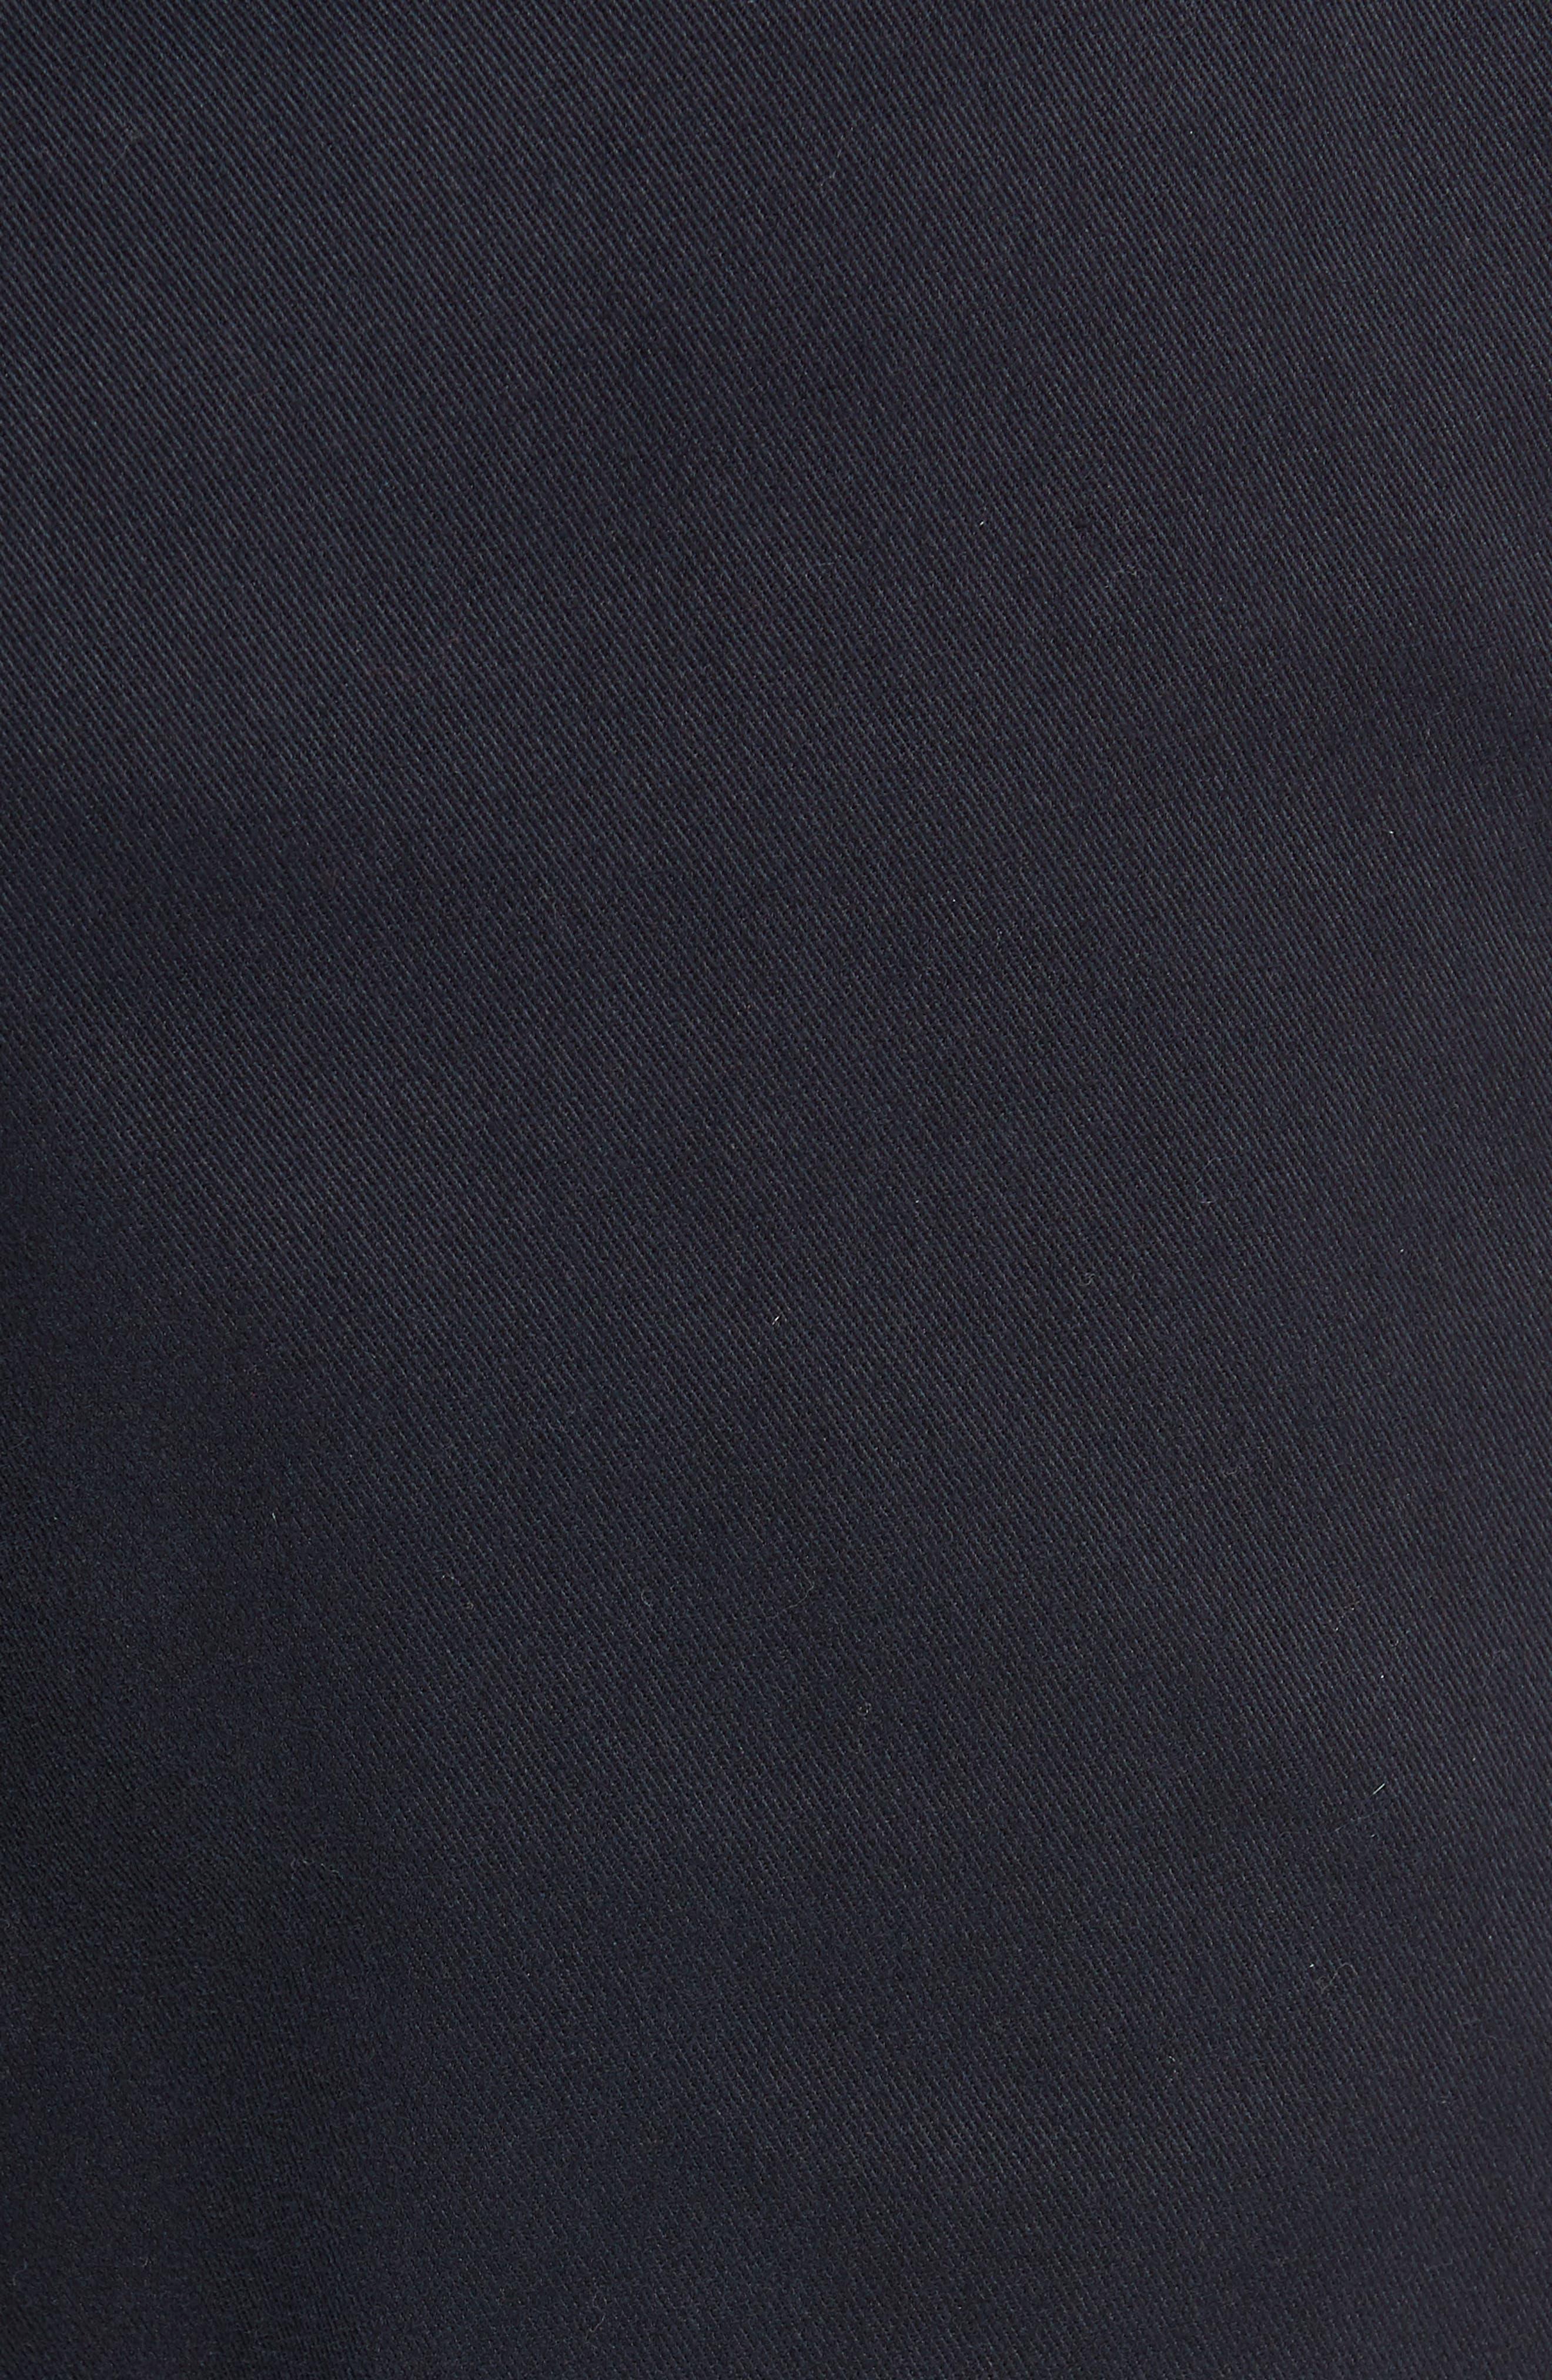 Dri-FIT Pants,                             Alternate thumbnail 5, color,                             BLACK